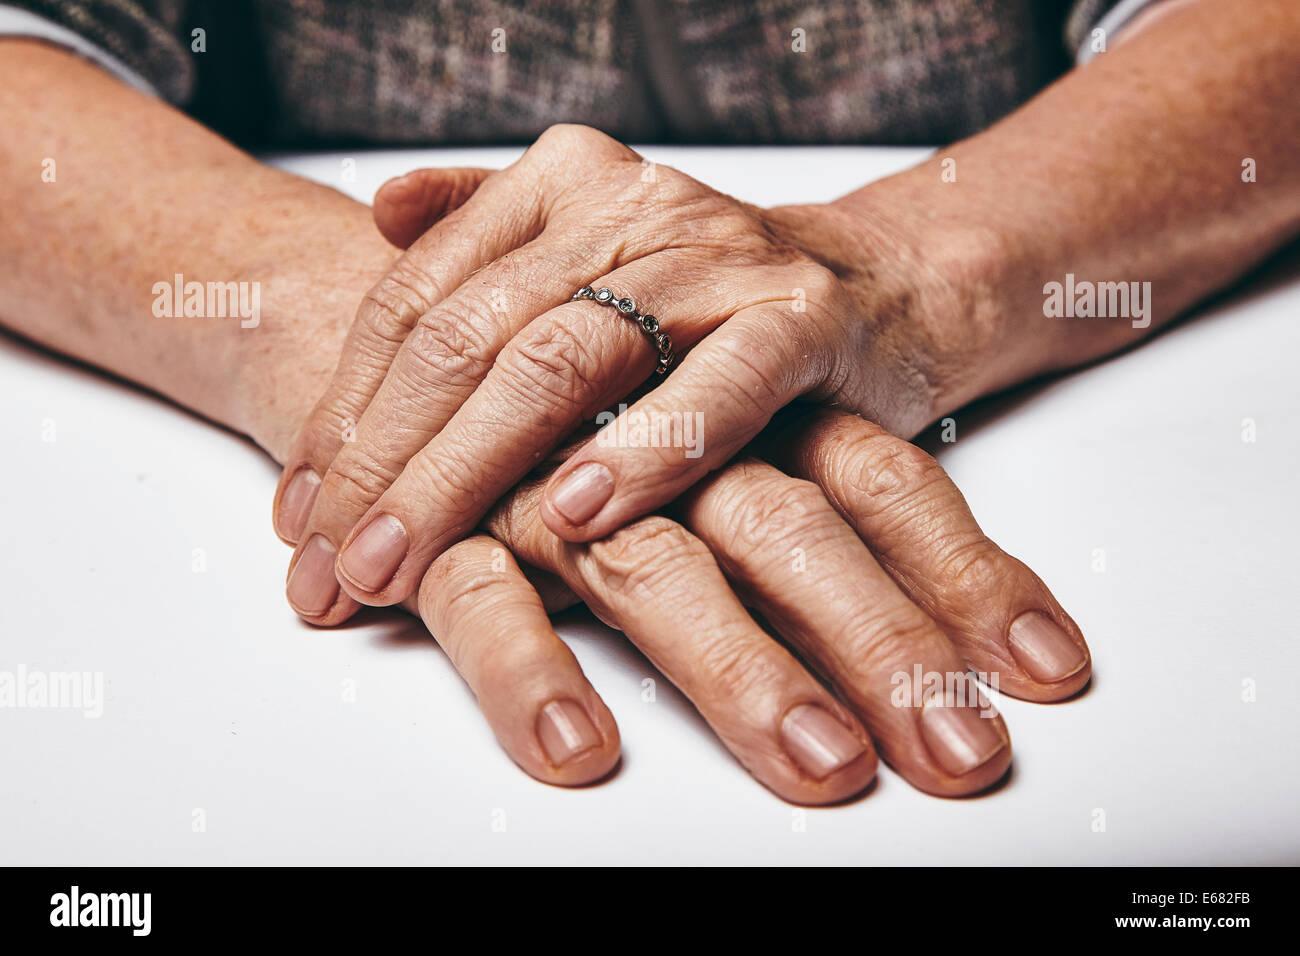 Makro einer alten Dame, die mit ihrer Hände auf einem Tisch zu sitzen. Ältere Frau Hände mit einem Stockbild